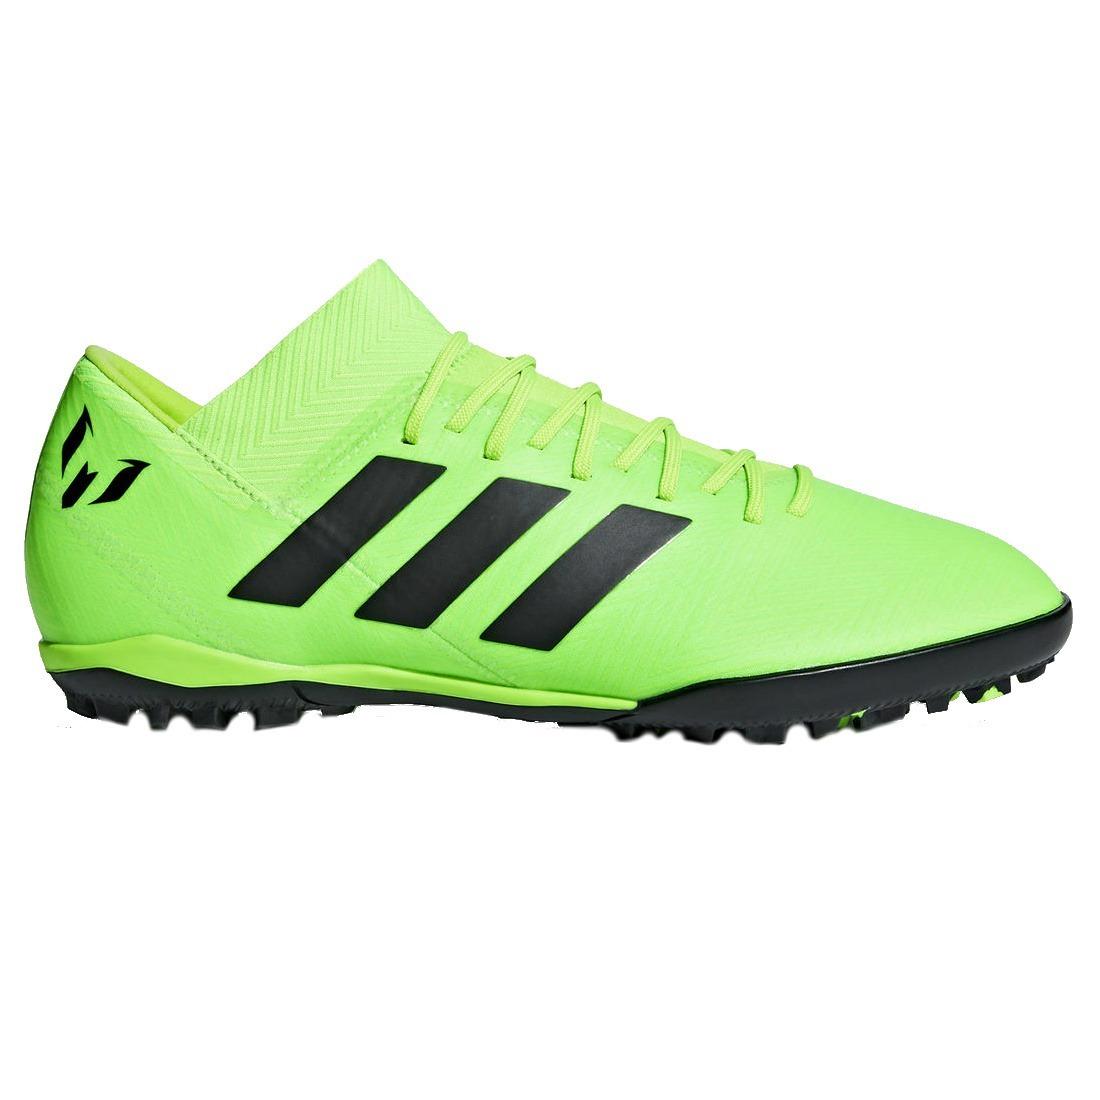 Zapatillas Futbol adidas Nemeziz Messi Tango 18.3 Tf 2018 - S  319 ... 154d99cfe3b83